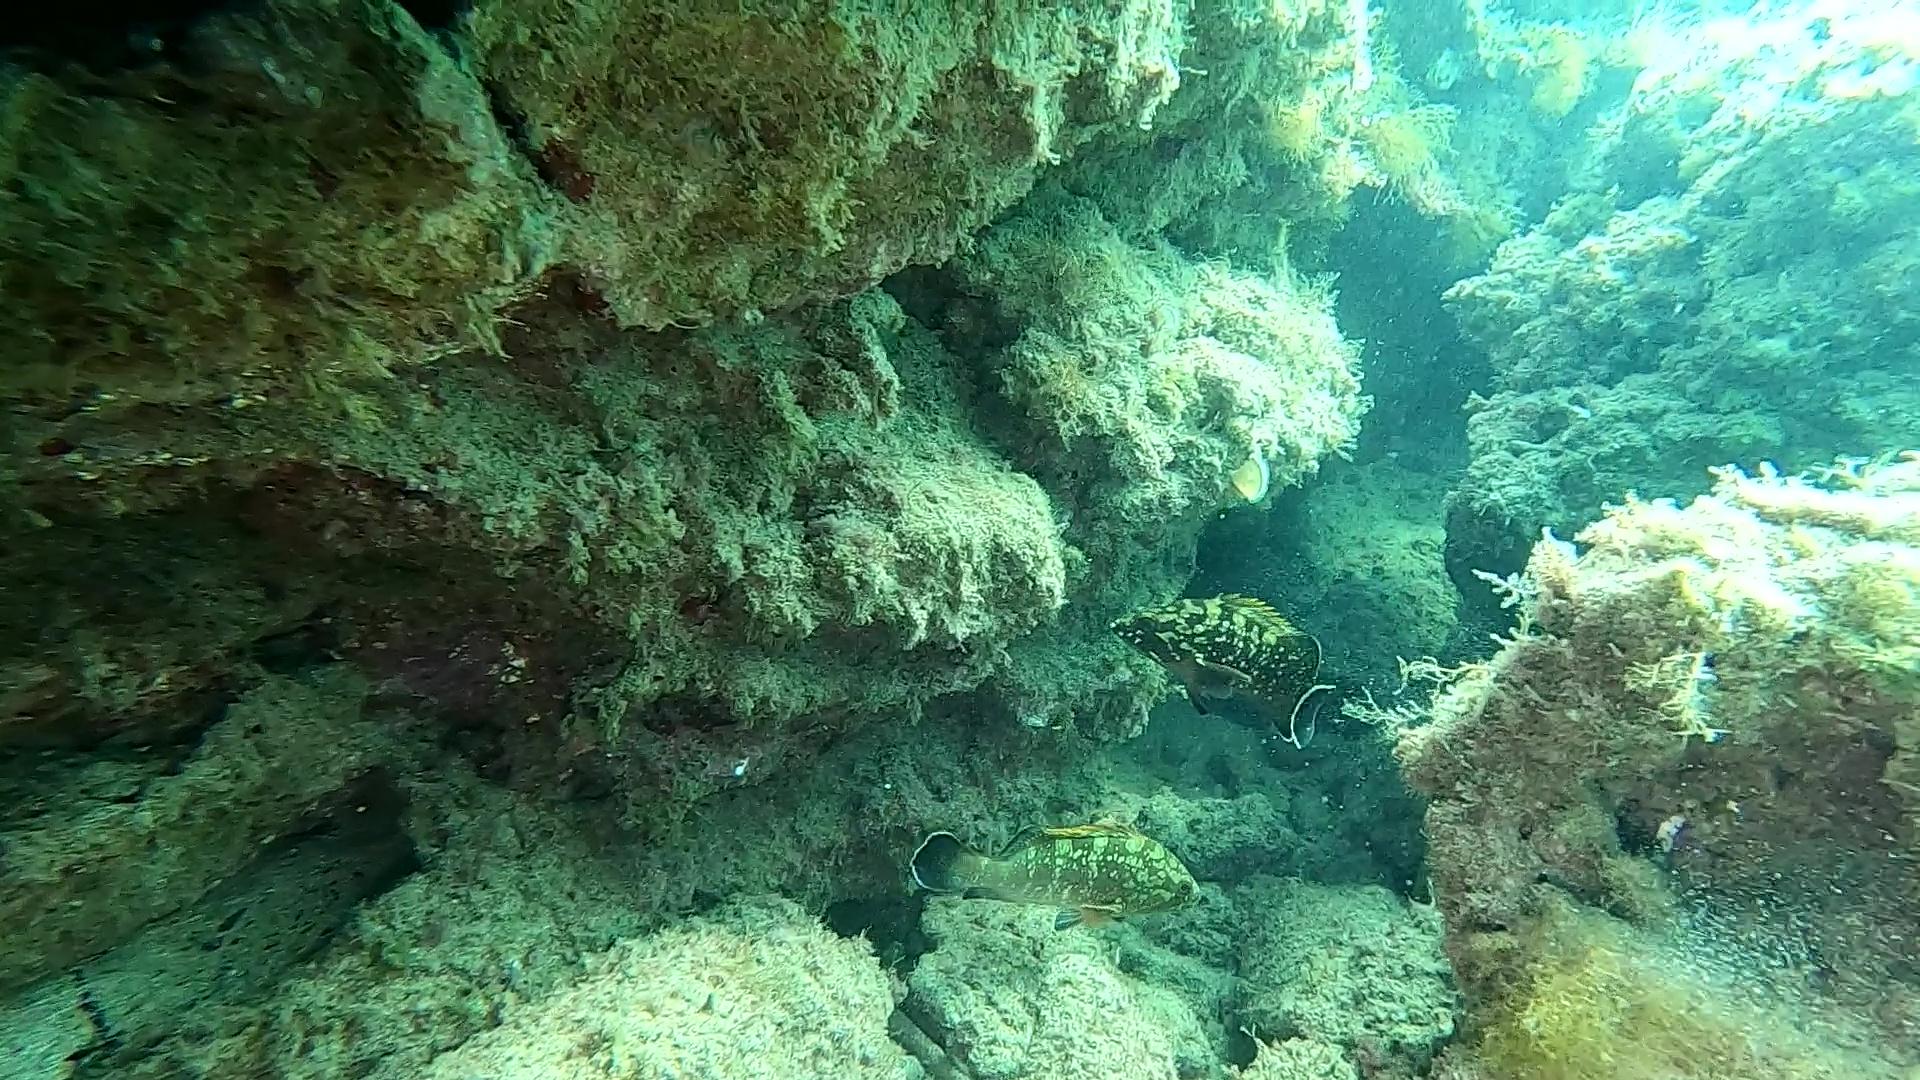 intotheblue.it - Epinephelus marginatus - Cernia bruna o Cernia mediterranea - Dusky grouper